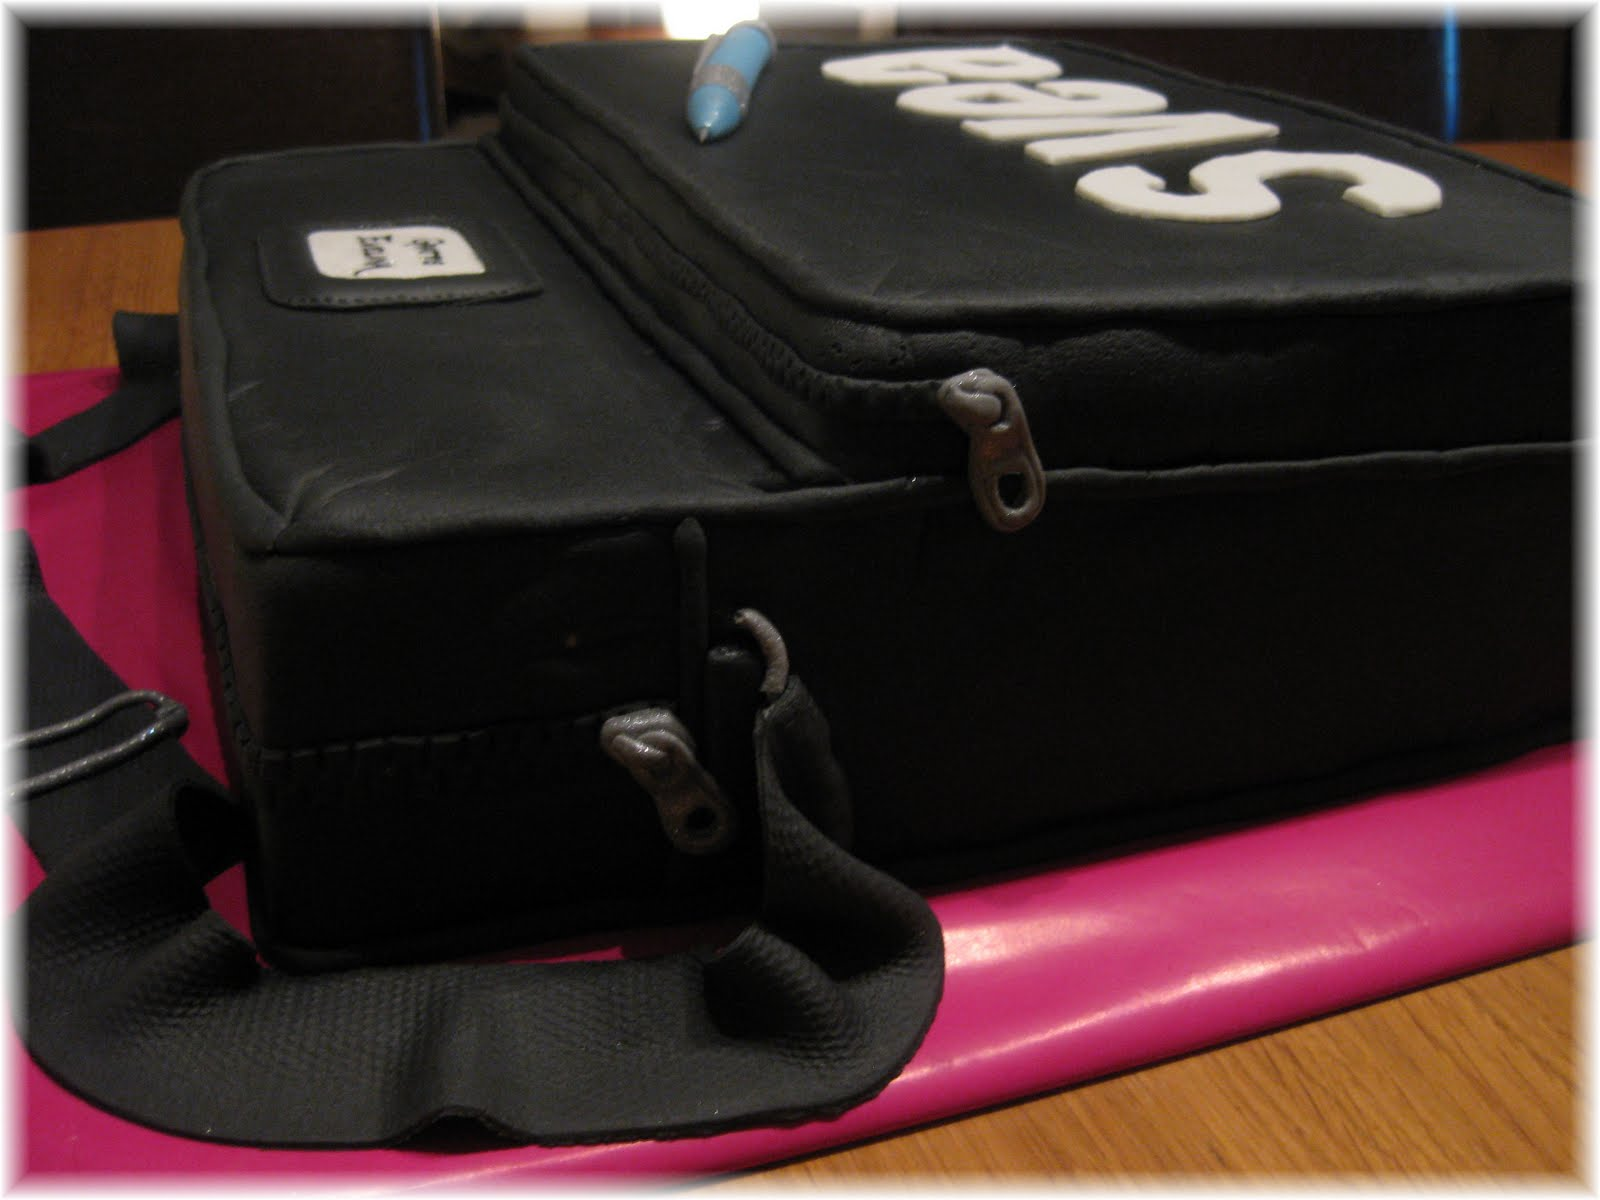 svea väska svart